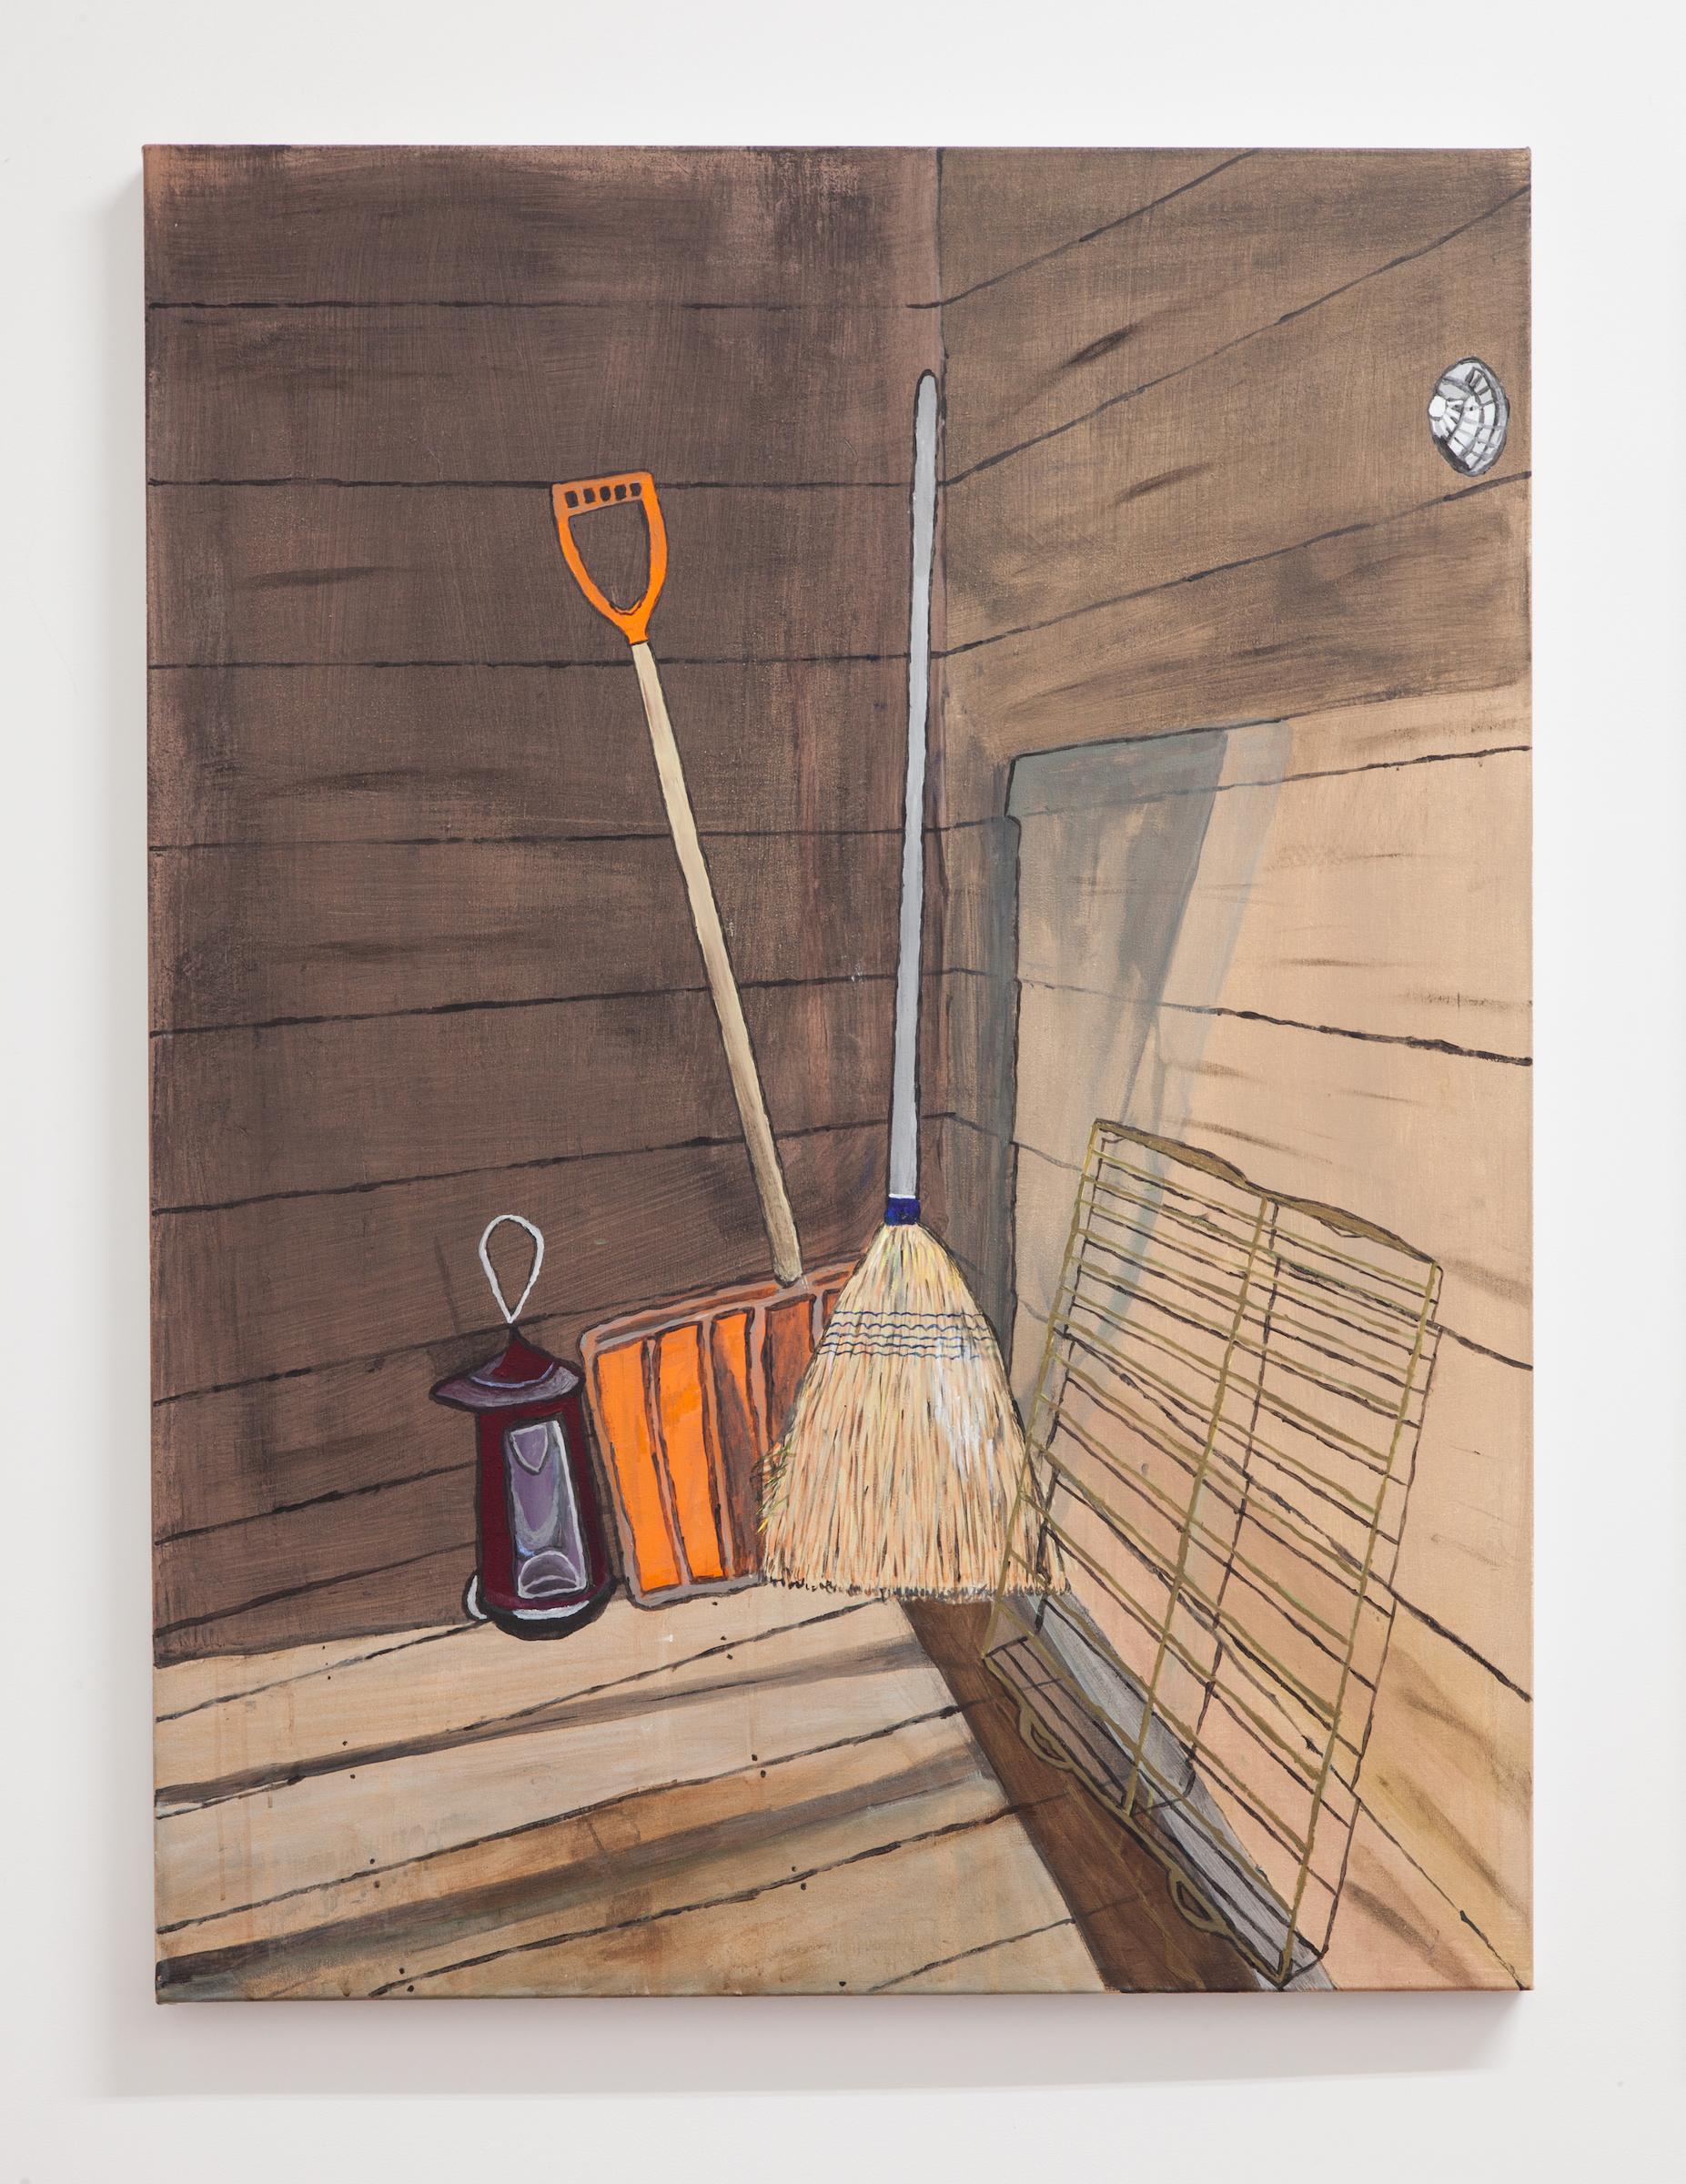 Jocko Weyland, Shovel and Broom , 2014,acrylic on canvas,48 x 36 in